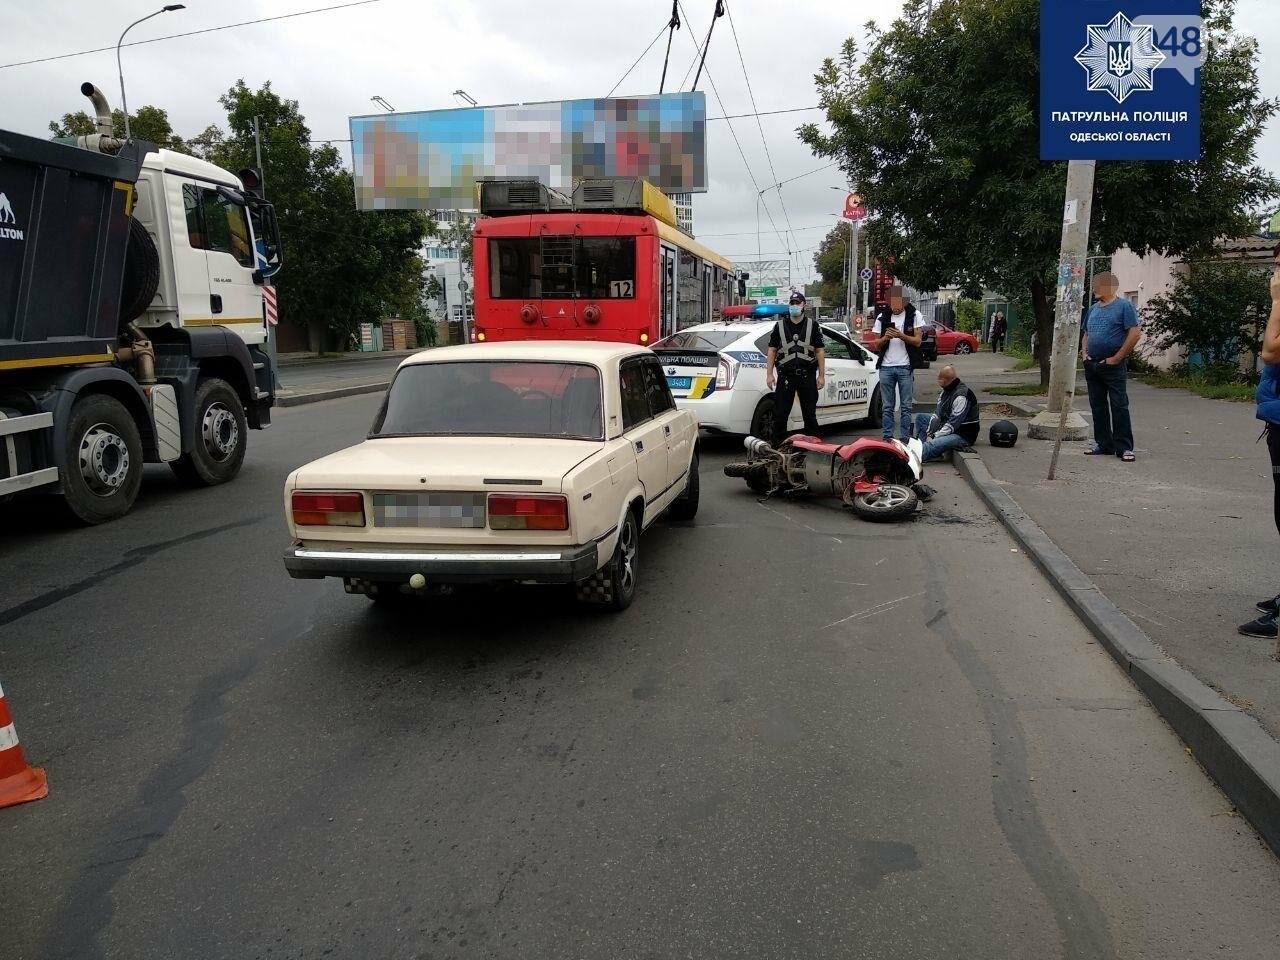 В Одессе в ДТП пострадал водитель мопеда, - ФОТО1